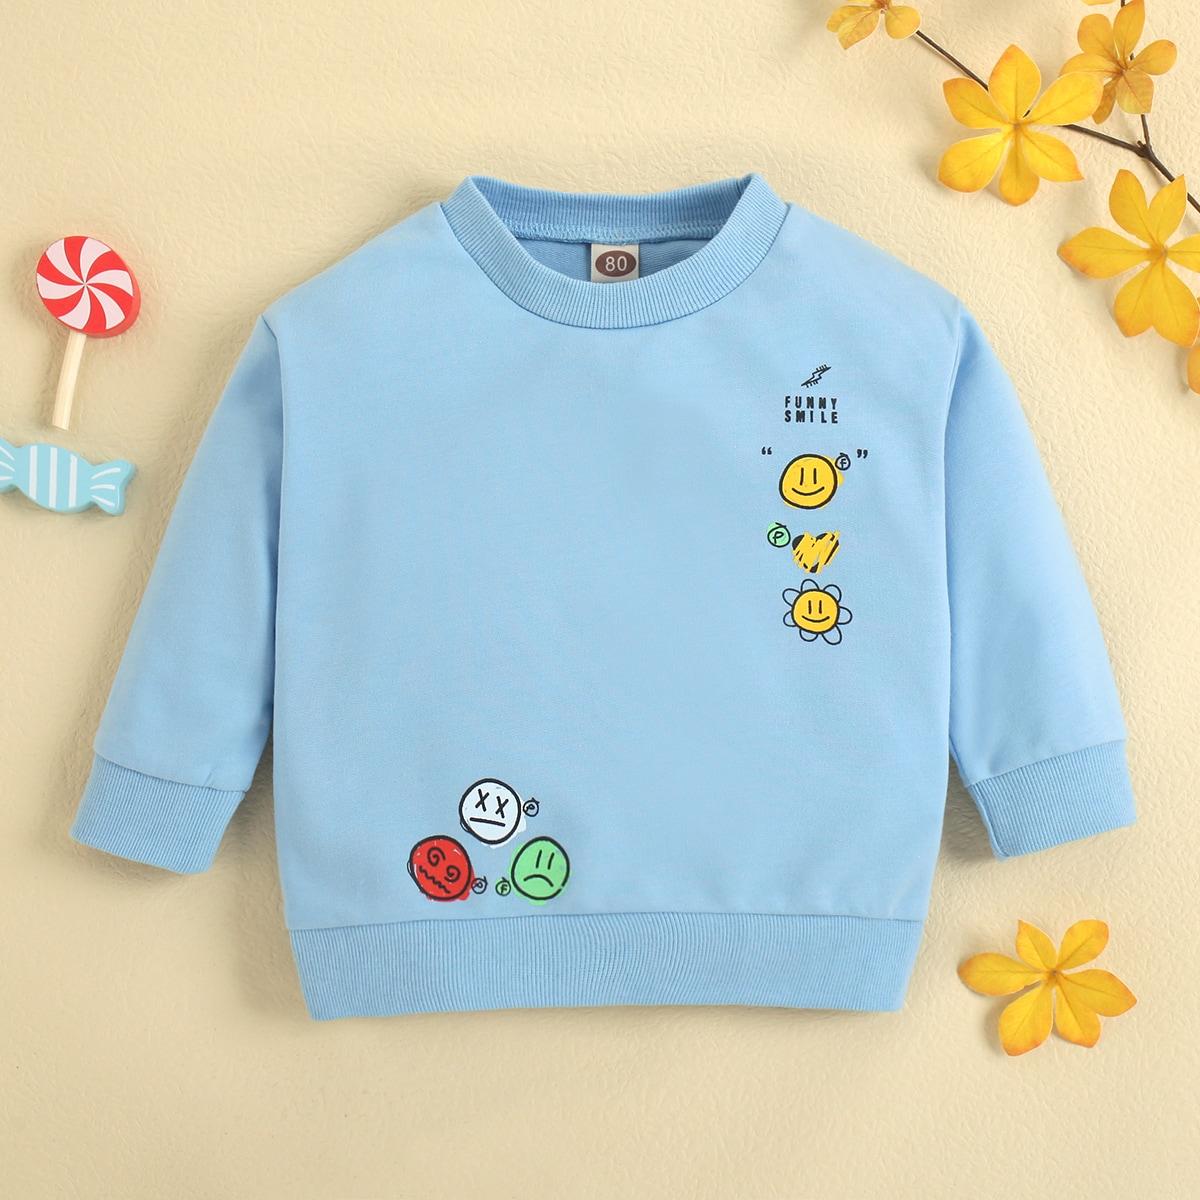 детский Пуловер с мультипликационным и текстовым принтом SheIn sk2107272282876887